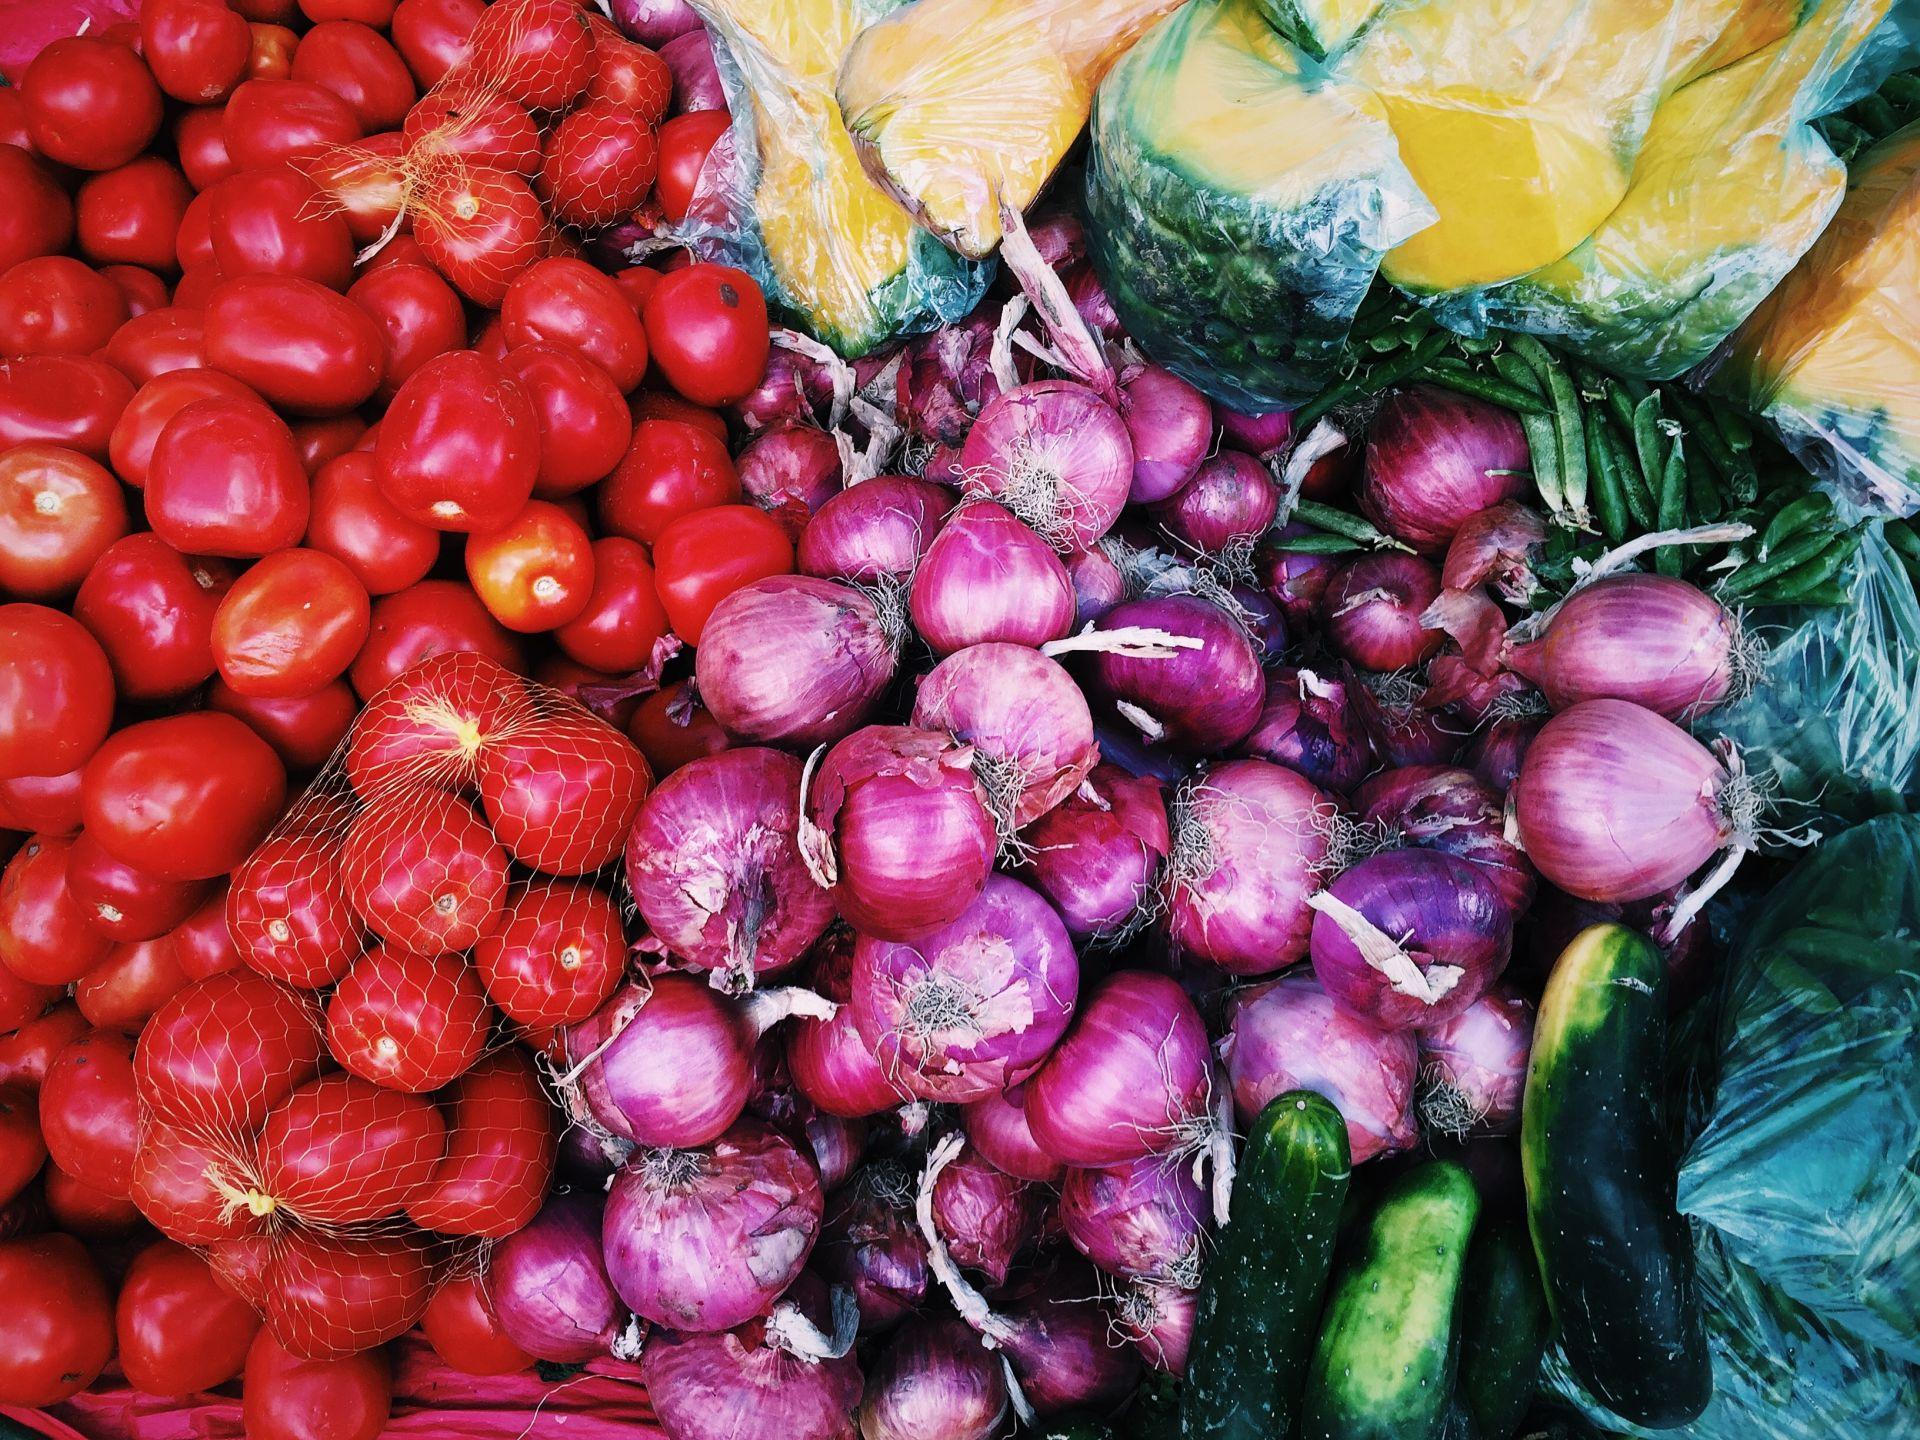 5 aliments détox pour bien commencer l'année